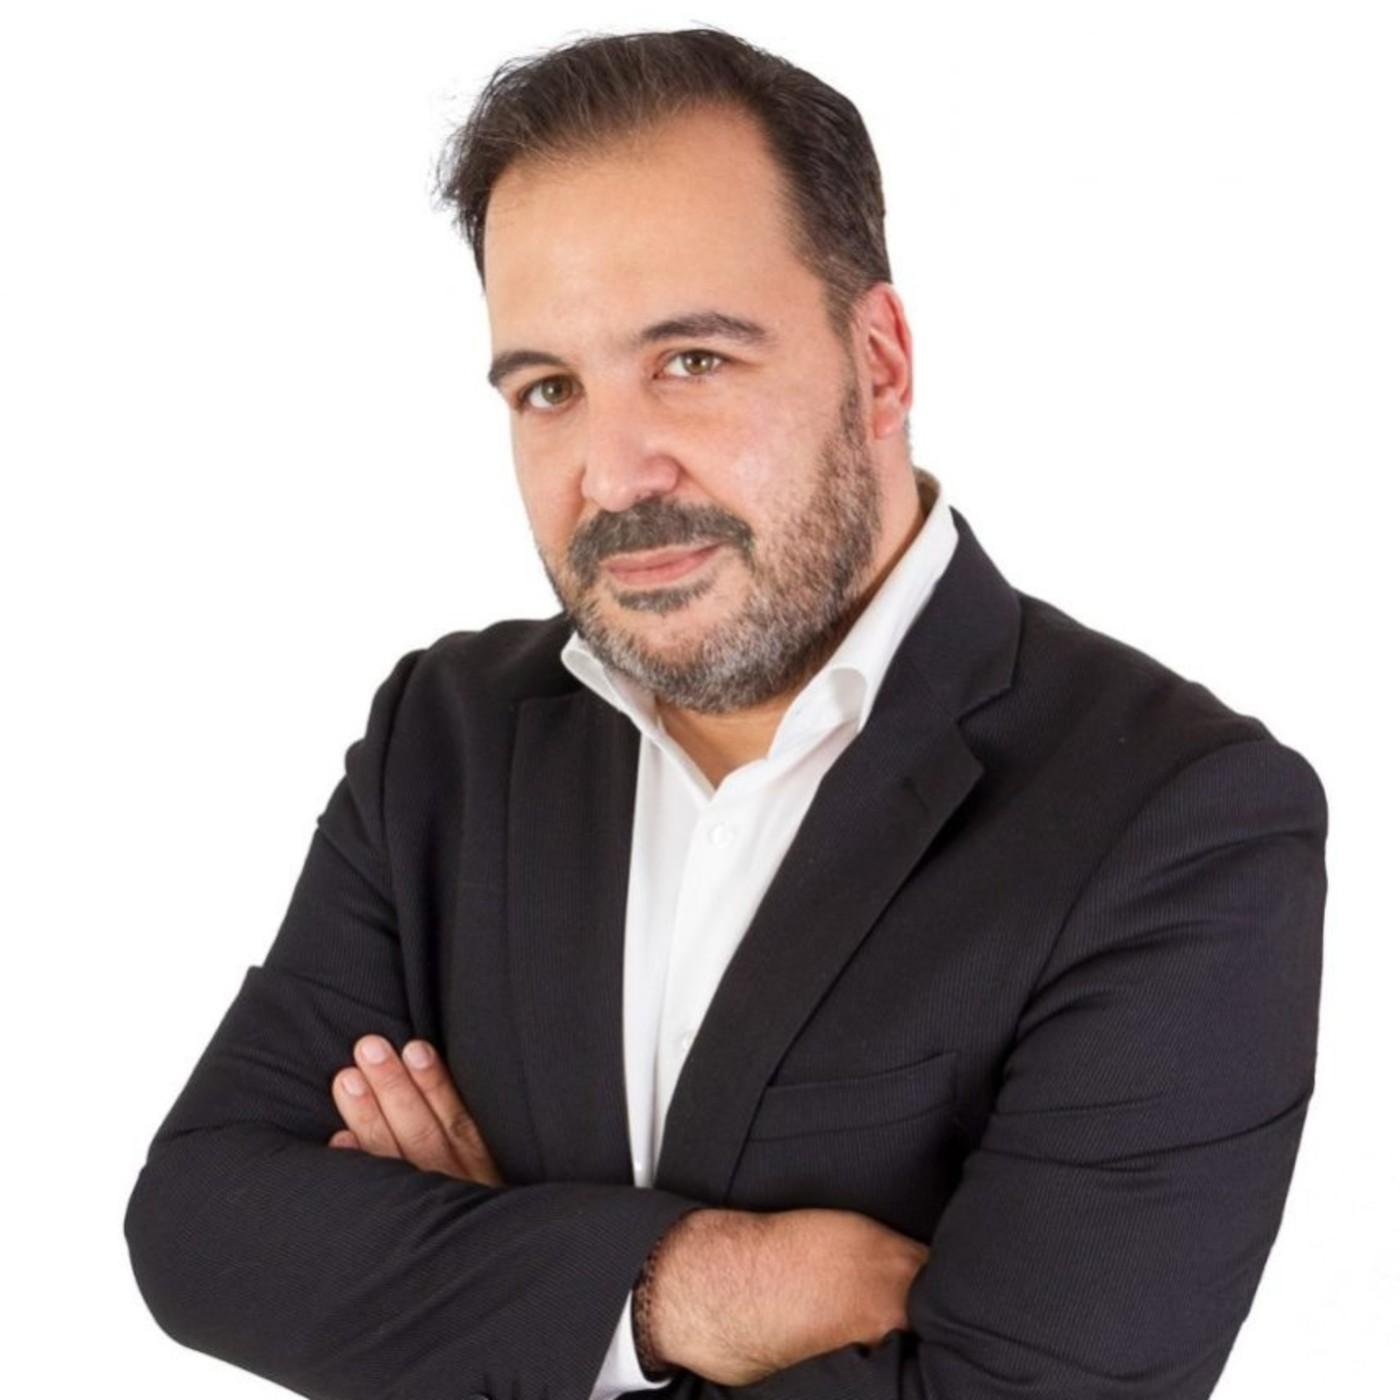 Entrevista a Miguel Ángel Pérez, director de RR HH, talento y desarrollo